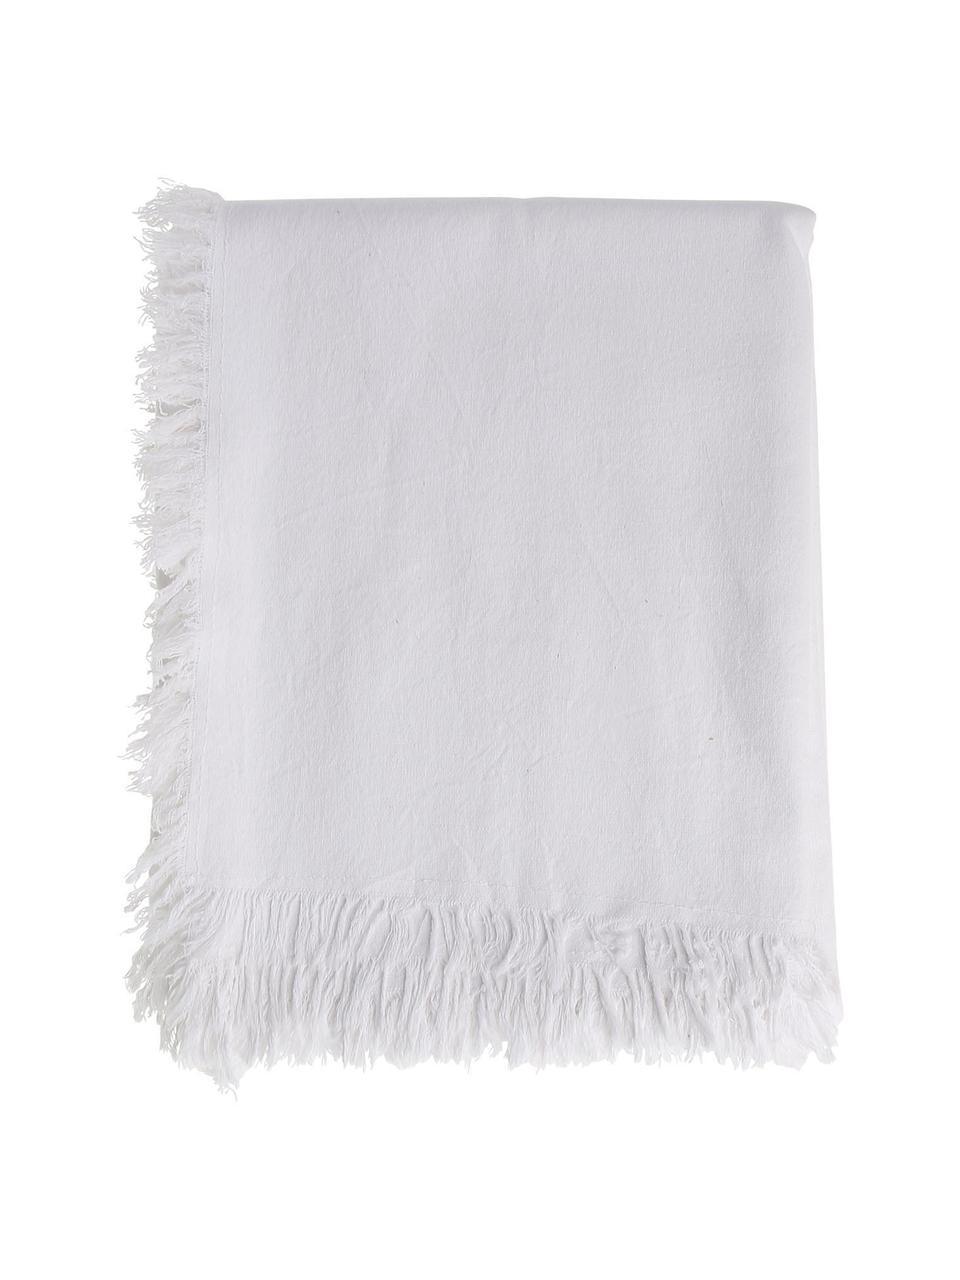 Obrus z bawełny z frędzlami Nalia, 100% bawełna, Biały, Dla 4-6 osób (S 160 x D 160 cm)